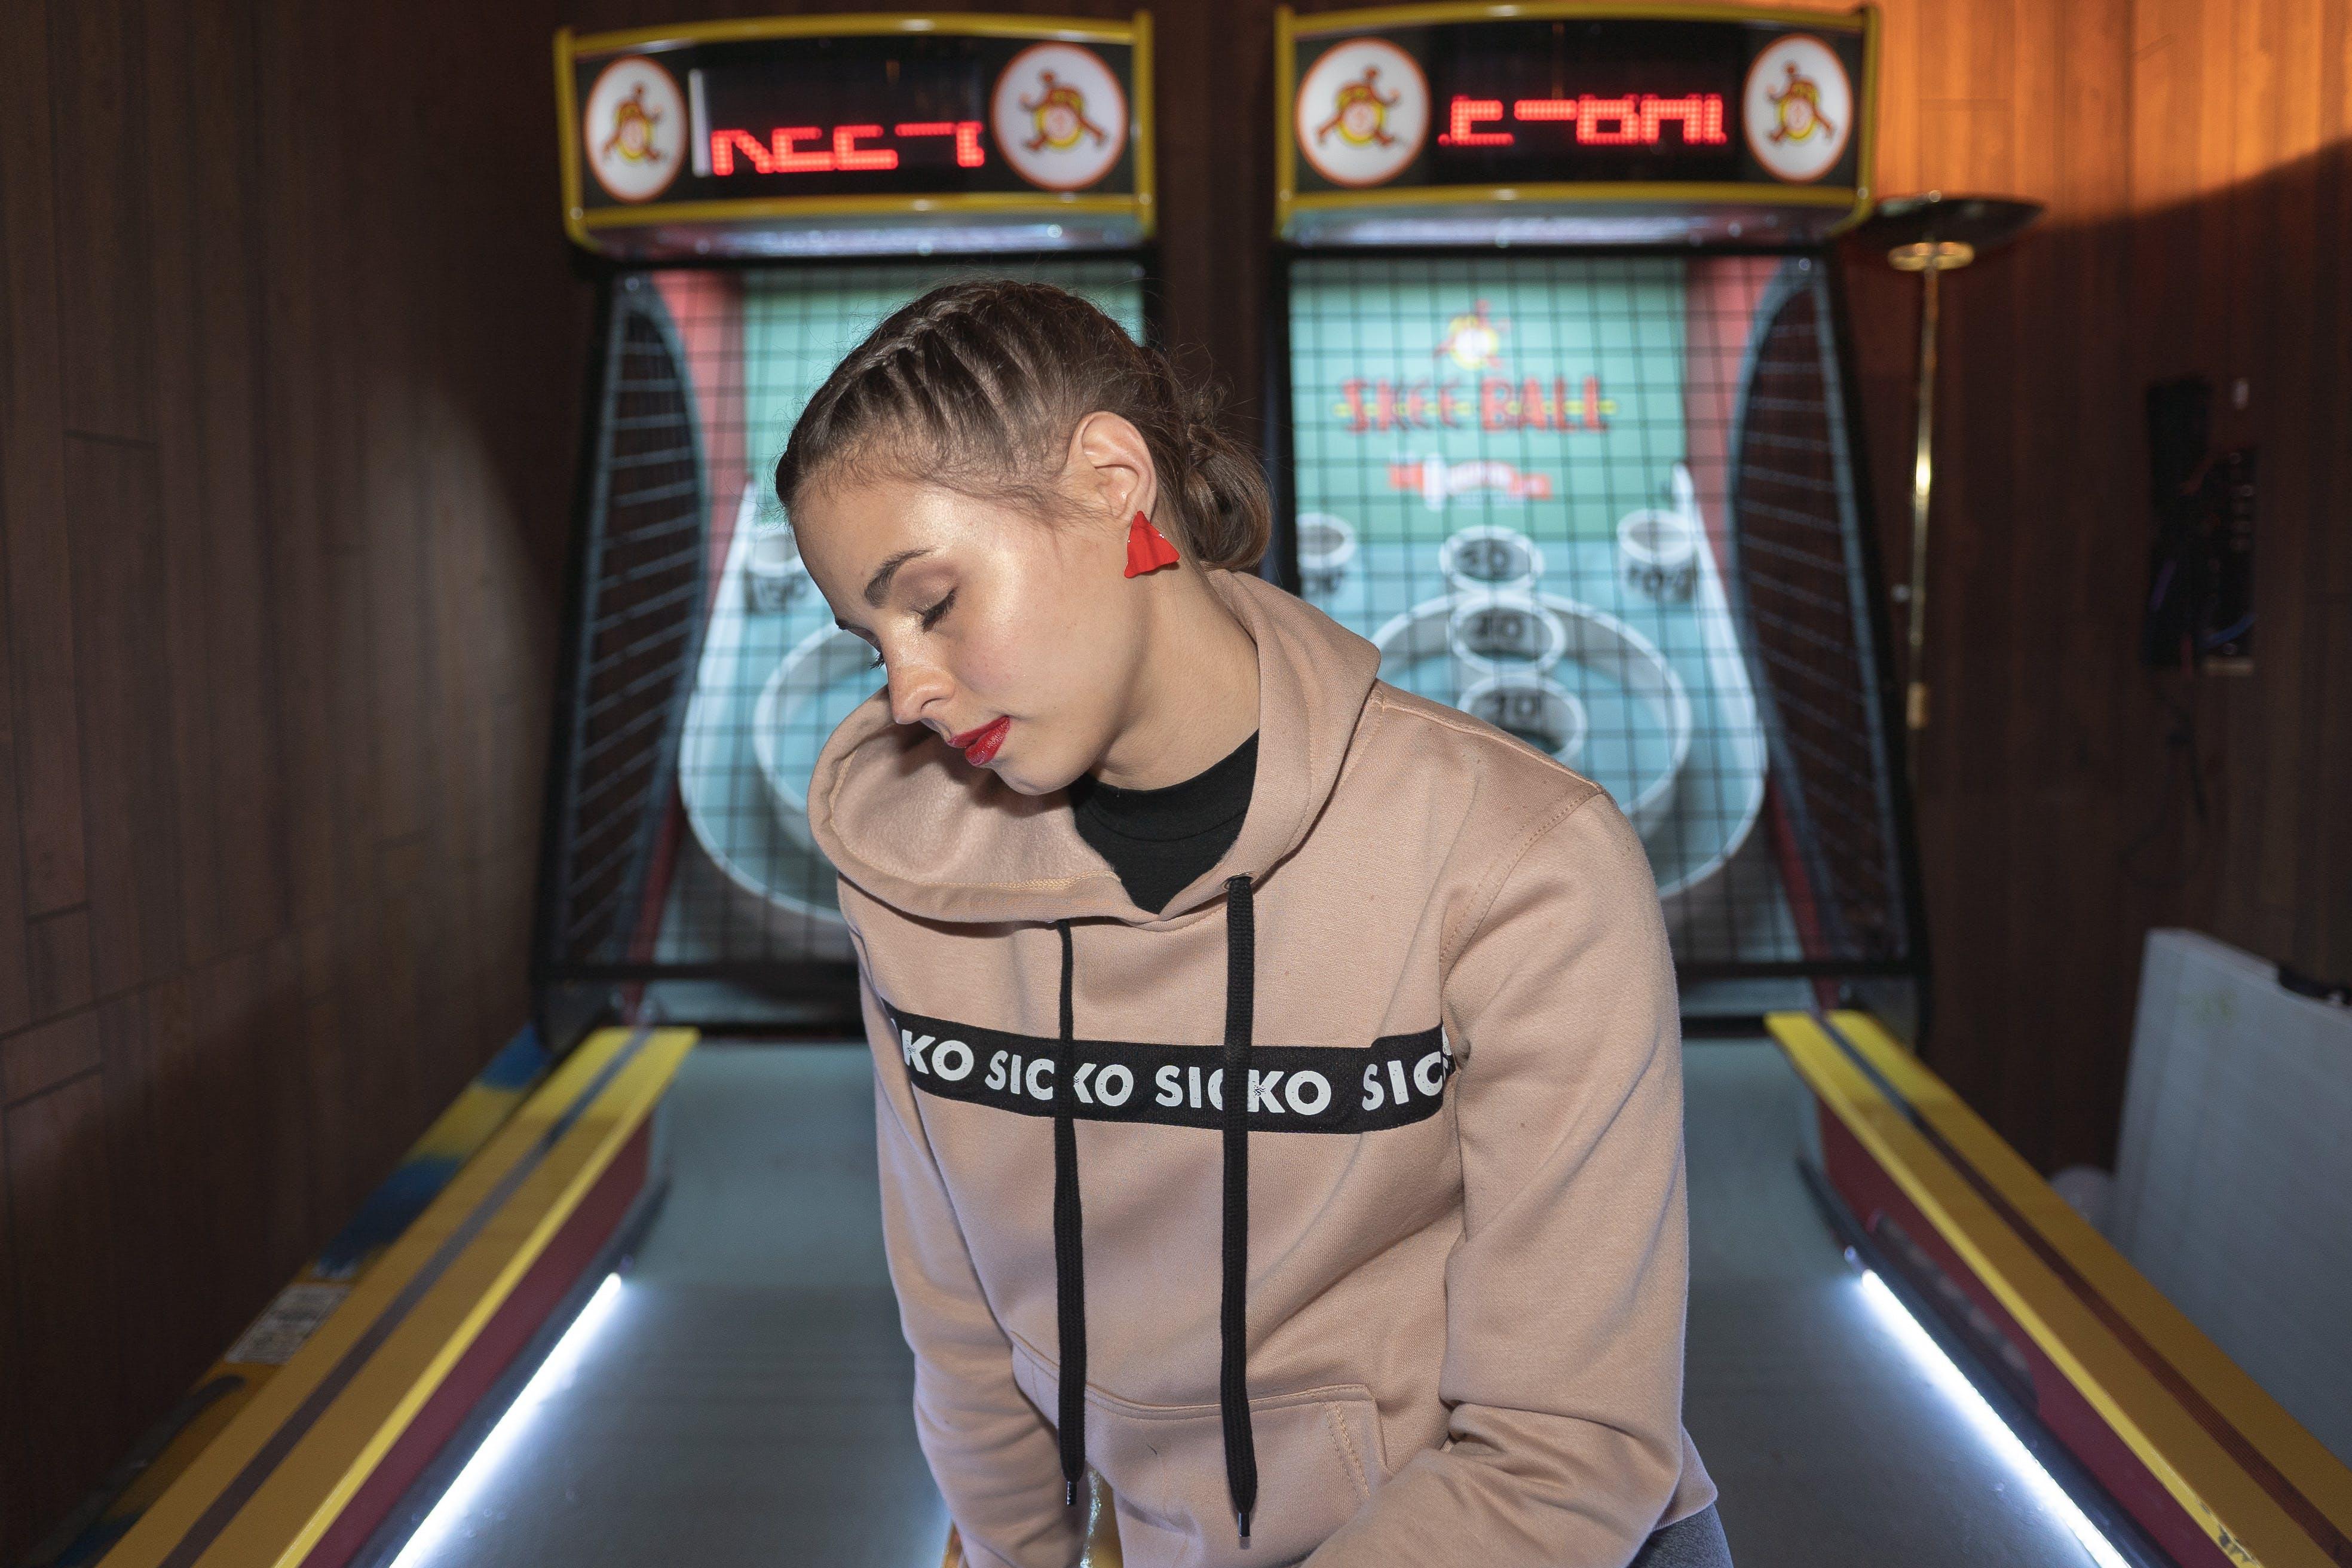 Woman Sitting on Pinball Machine